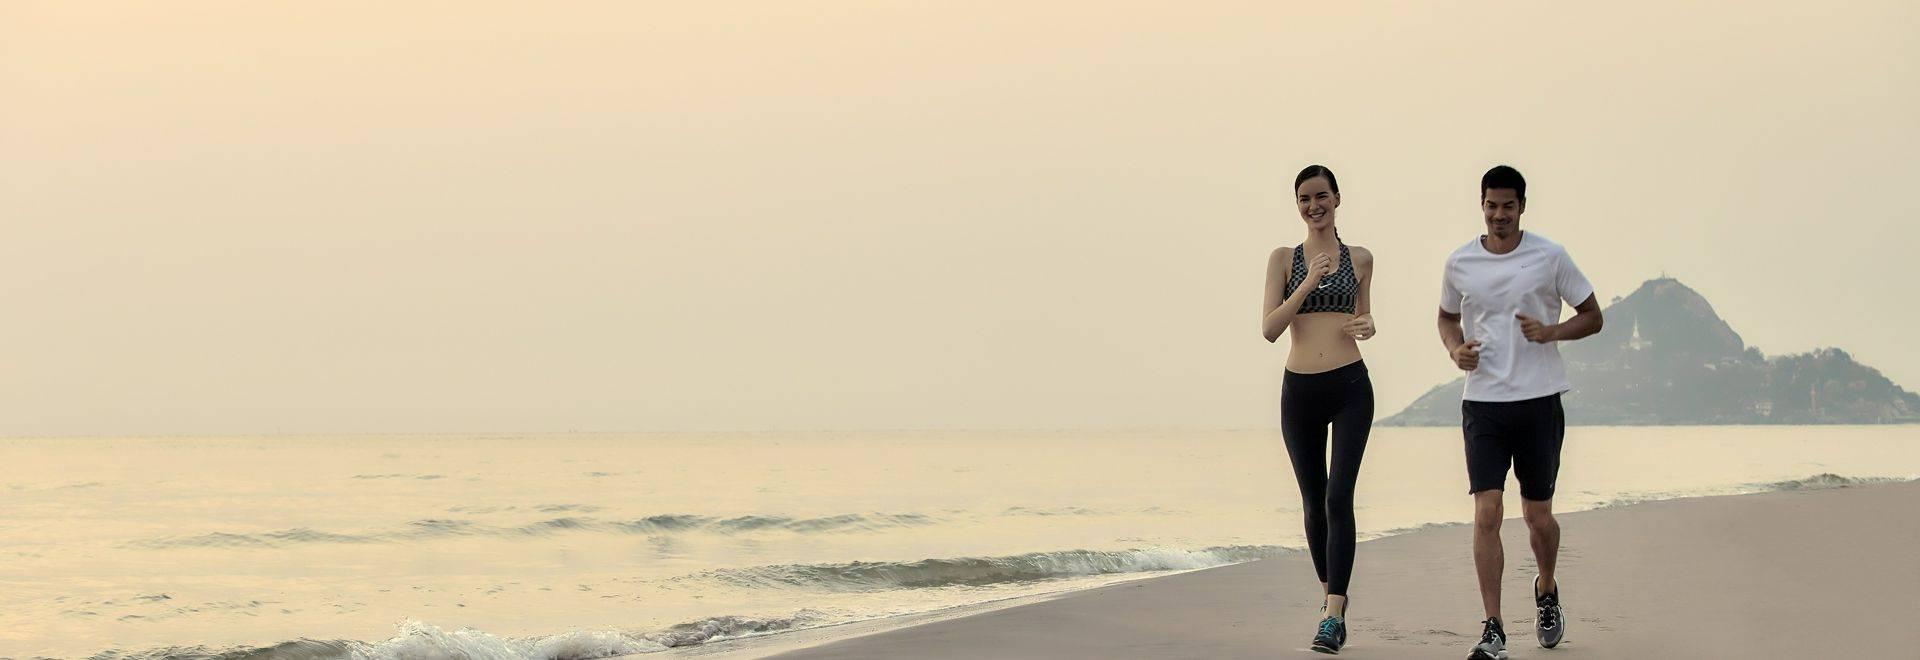 Chiva-Som-beach-run.jpg